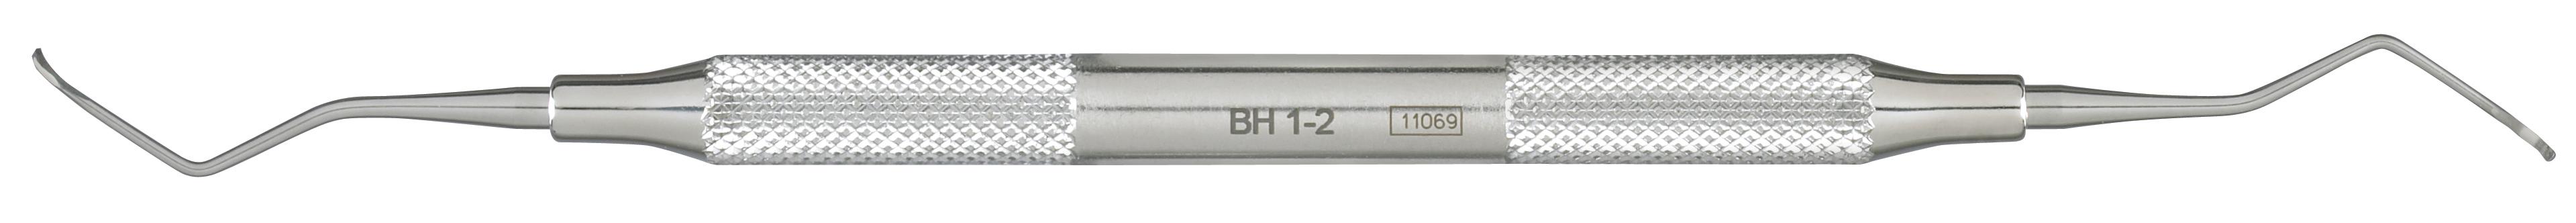 barnhart-1-2-curette-lightweight-handle-70-555-miltex.jpg